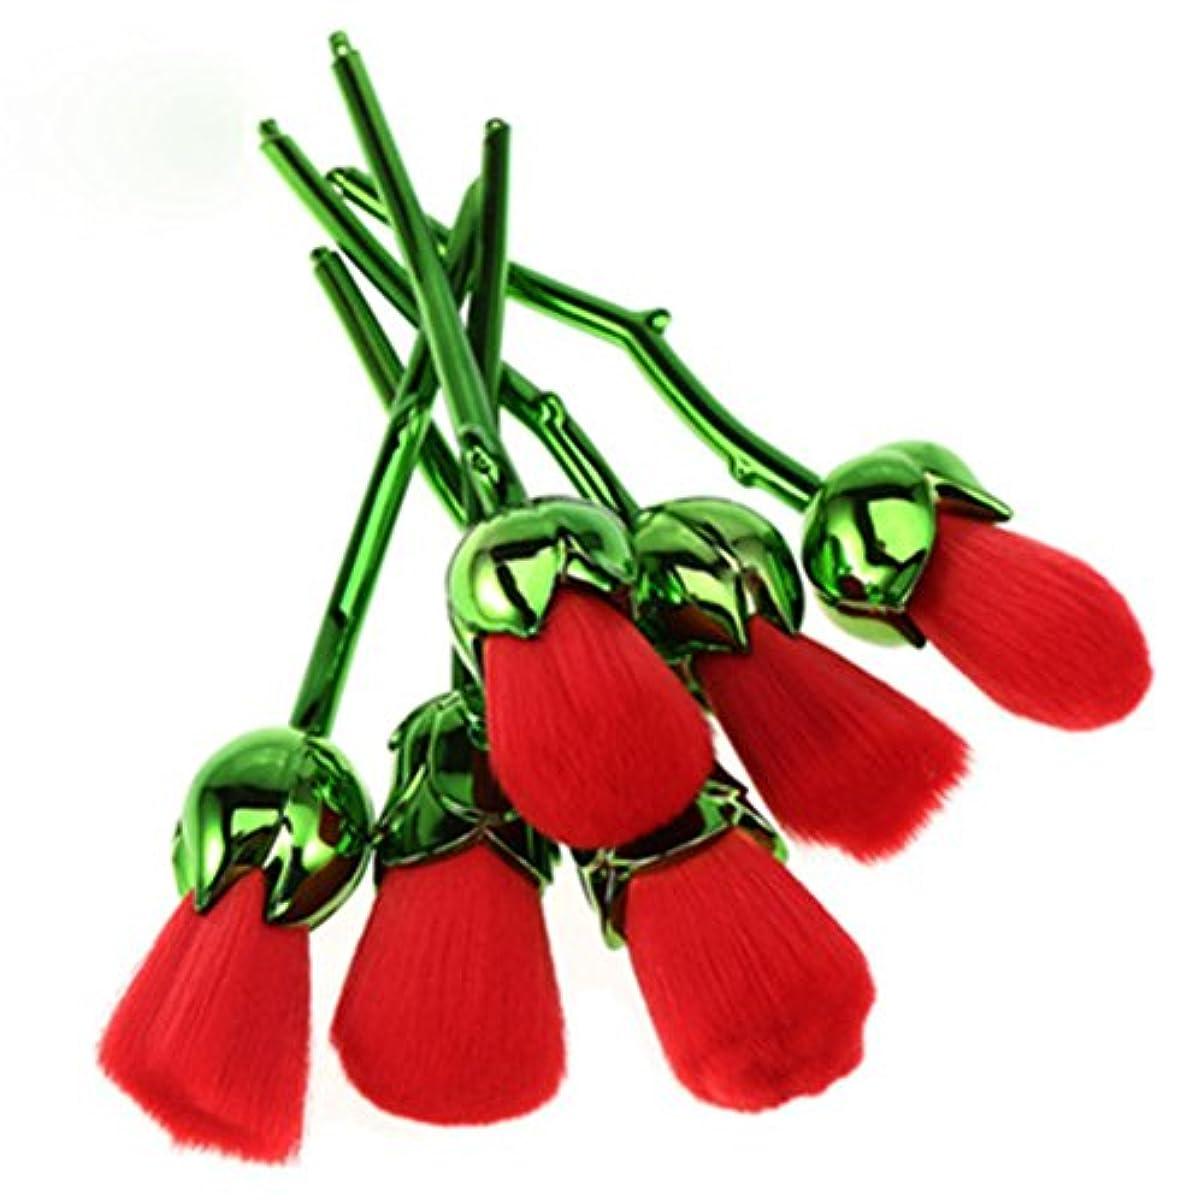 自分自身一貫した礼儀ディラビューティー(Dilla Beauty) メイクブラシ 薔薇 メイクブラシセット 人気 ファンデーションブラシ 化粧筆 可愛い 化粧ブラシ セット パウダーブラシ フェイスブラシ ローズ メイクブラシ 6本セット ケース付き (グリーン - レッド)